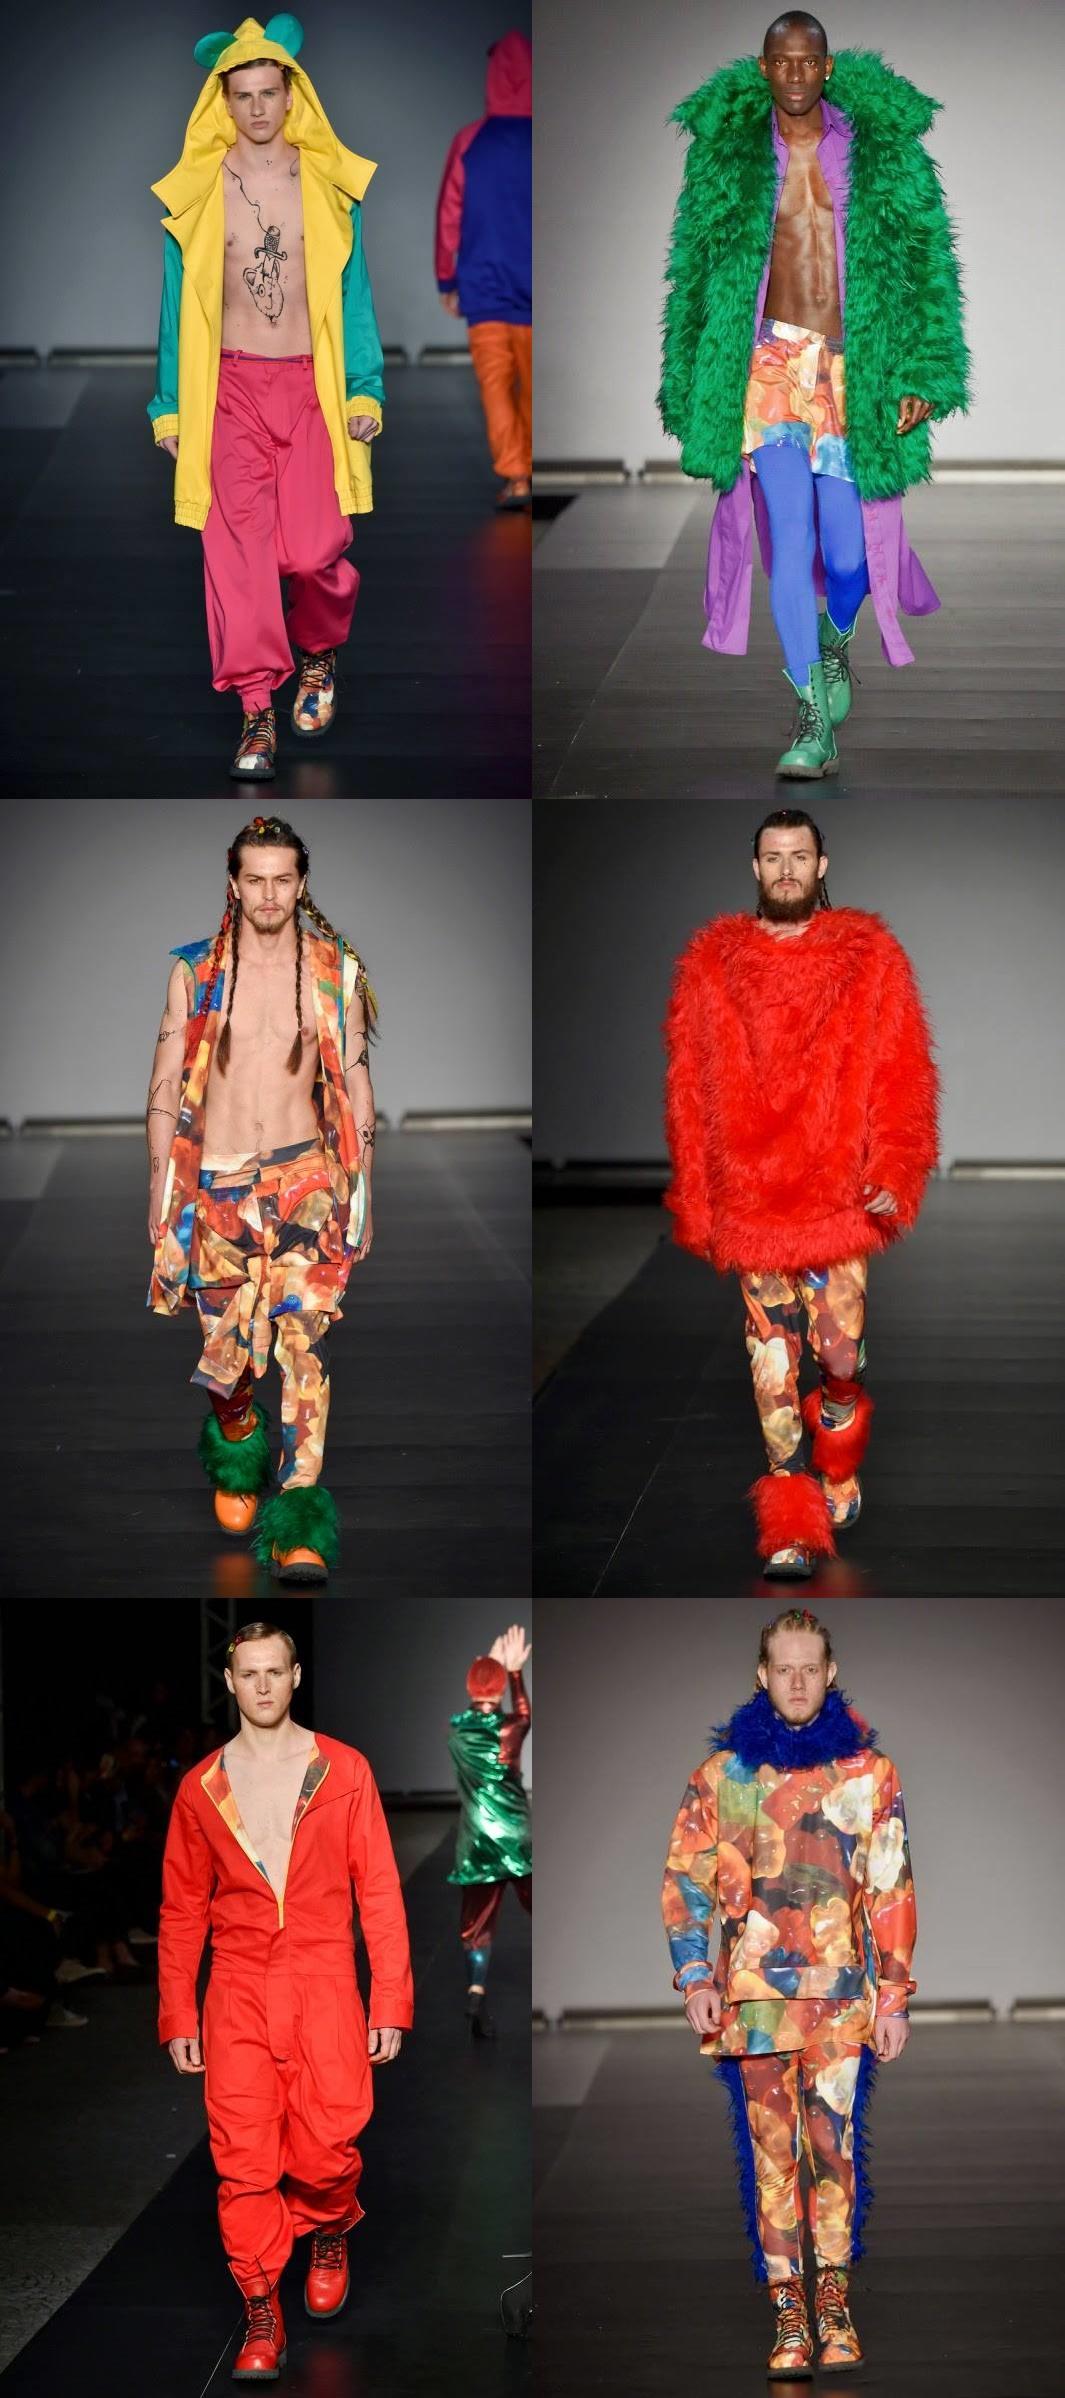 felipe fanaia, inverno 2016, moda masculina, casa de criadores, roupa masculina, estilo masculino, menswear, fashion, fashion blogger, alex cursino, moda sem censura, p3